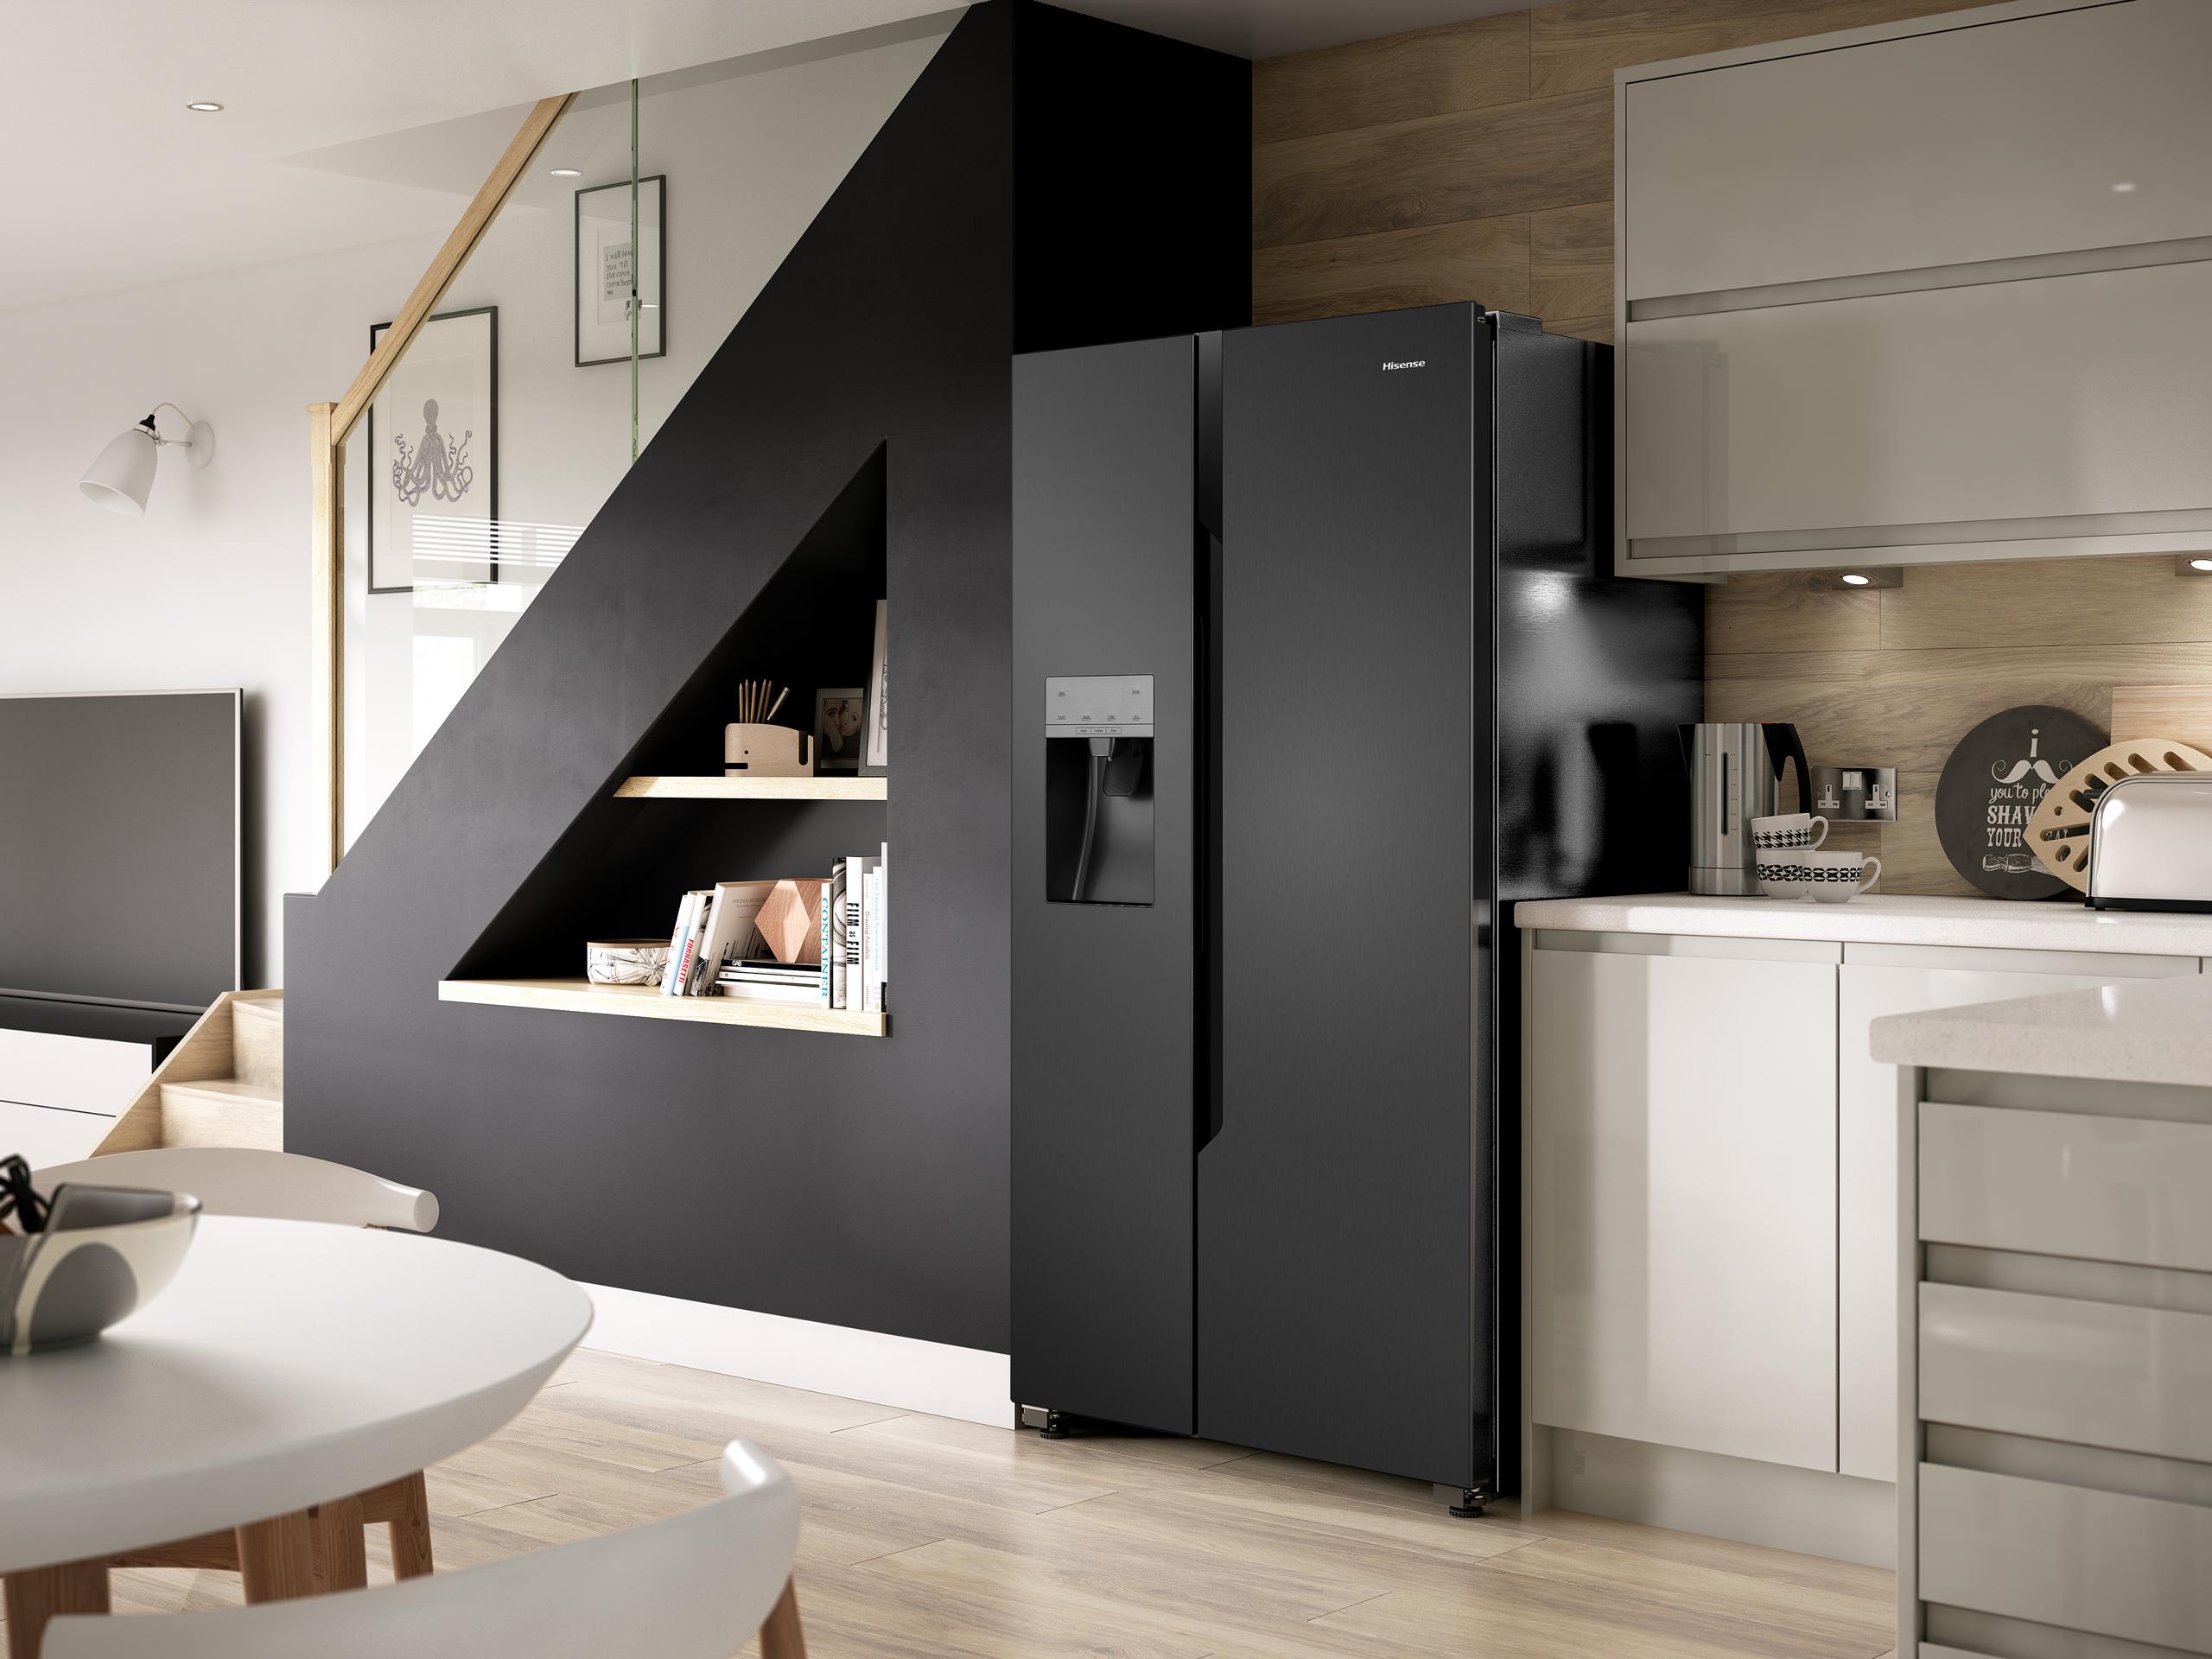 Side By Side Kühlschrank Integrierbar : Kühlschrank icemaker kühlschrank glossar zu funktionen lagerung von